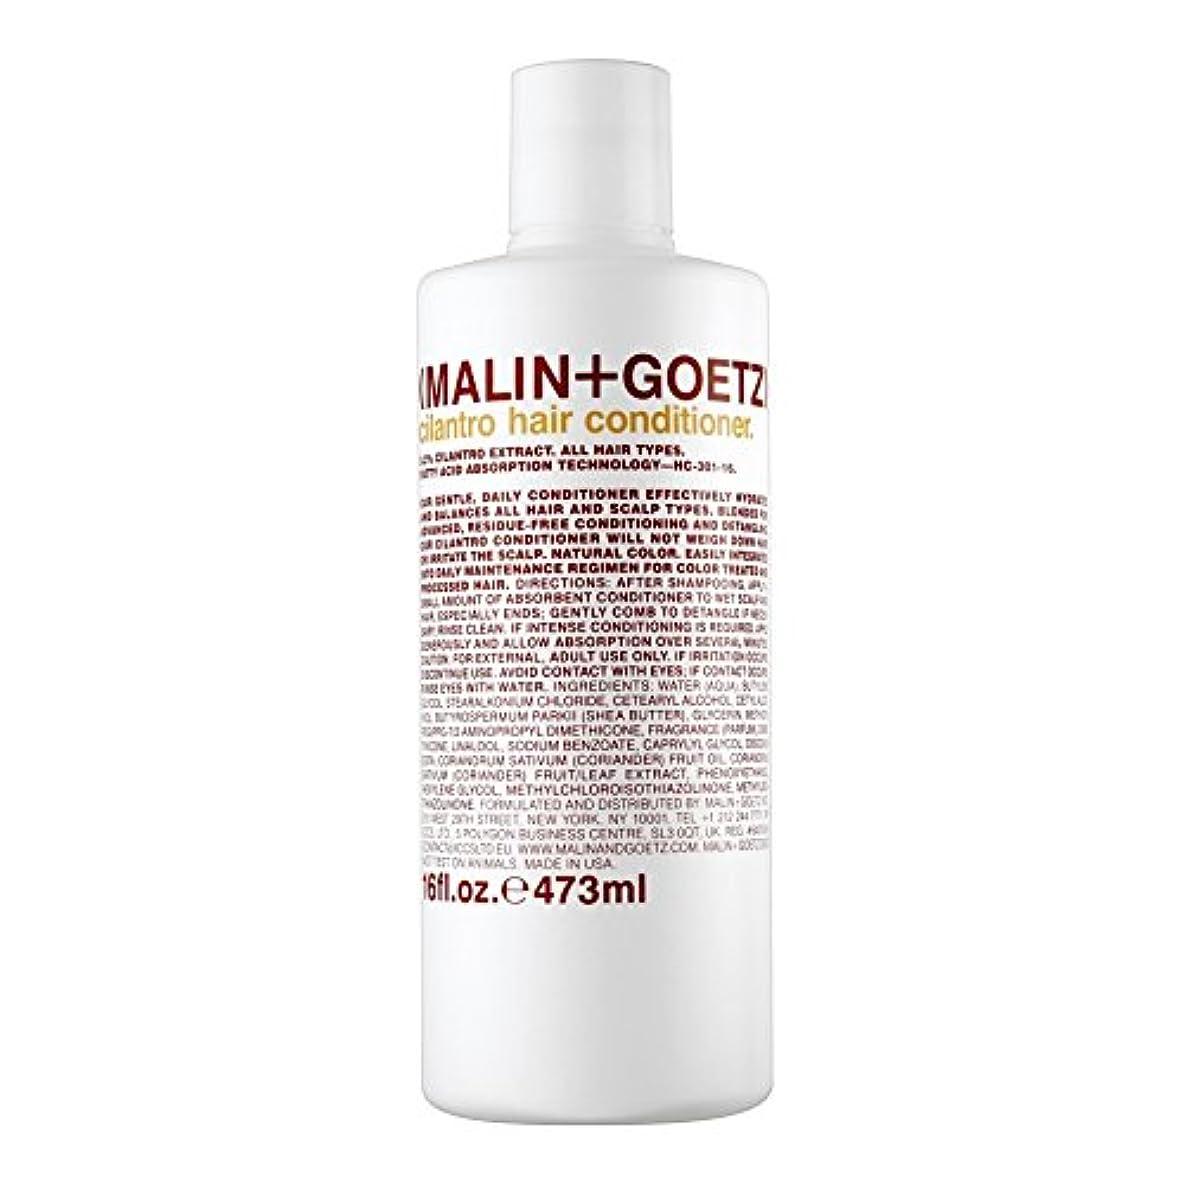 買い物に行く詩悲劇的なMALIN+GOETZ Cilantro Hair Conditioner 473ml (Pack of 6) - マリン+ゲッツコリアンダーのヘアコンディショナー473ミリリットル x6 [並行輸入品]